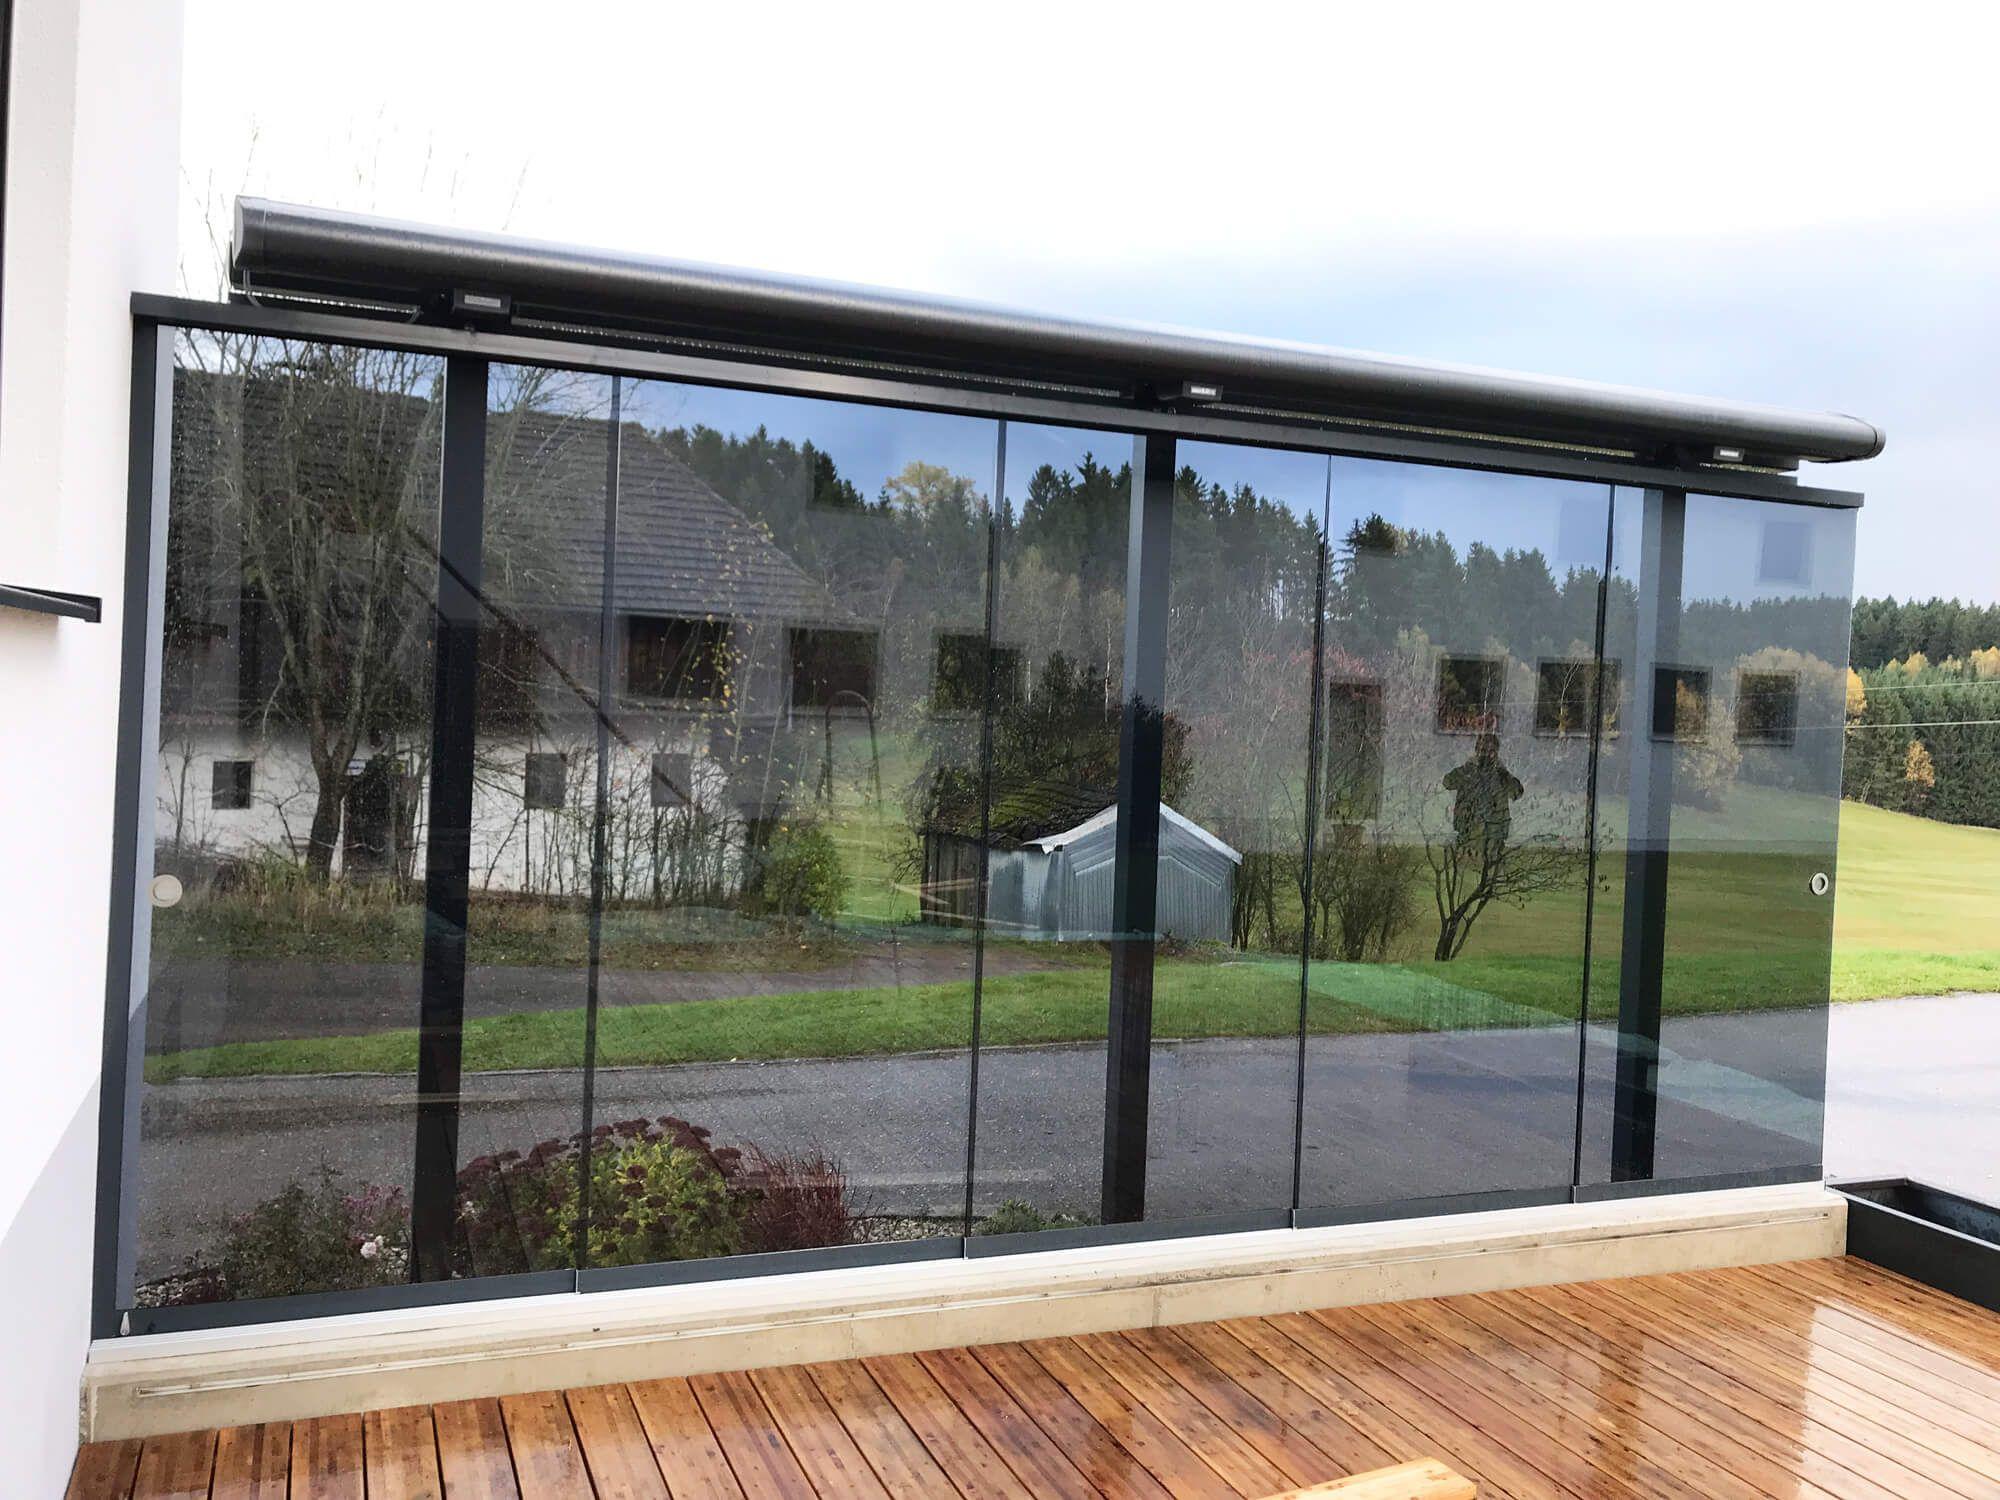 Windschutz Fur Terrasse Transparent Mit Glasschiebeturen